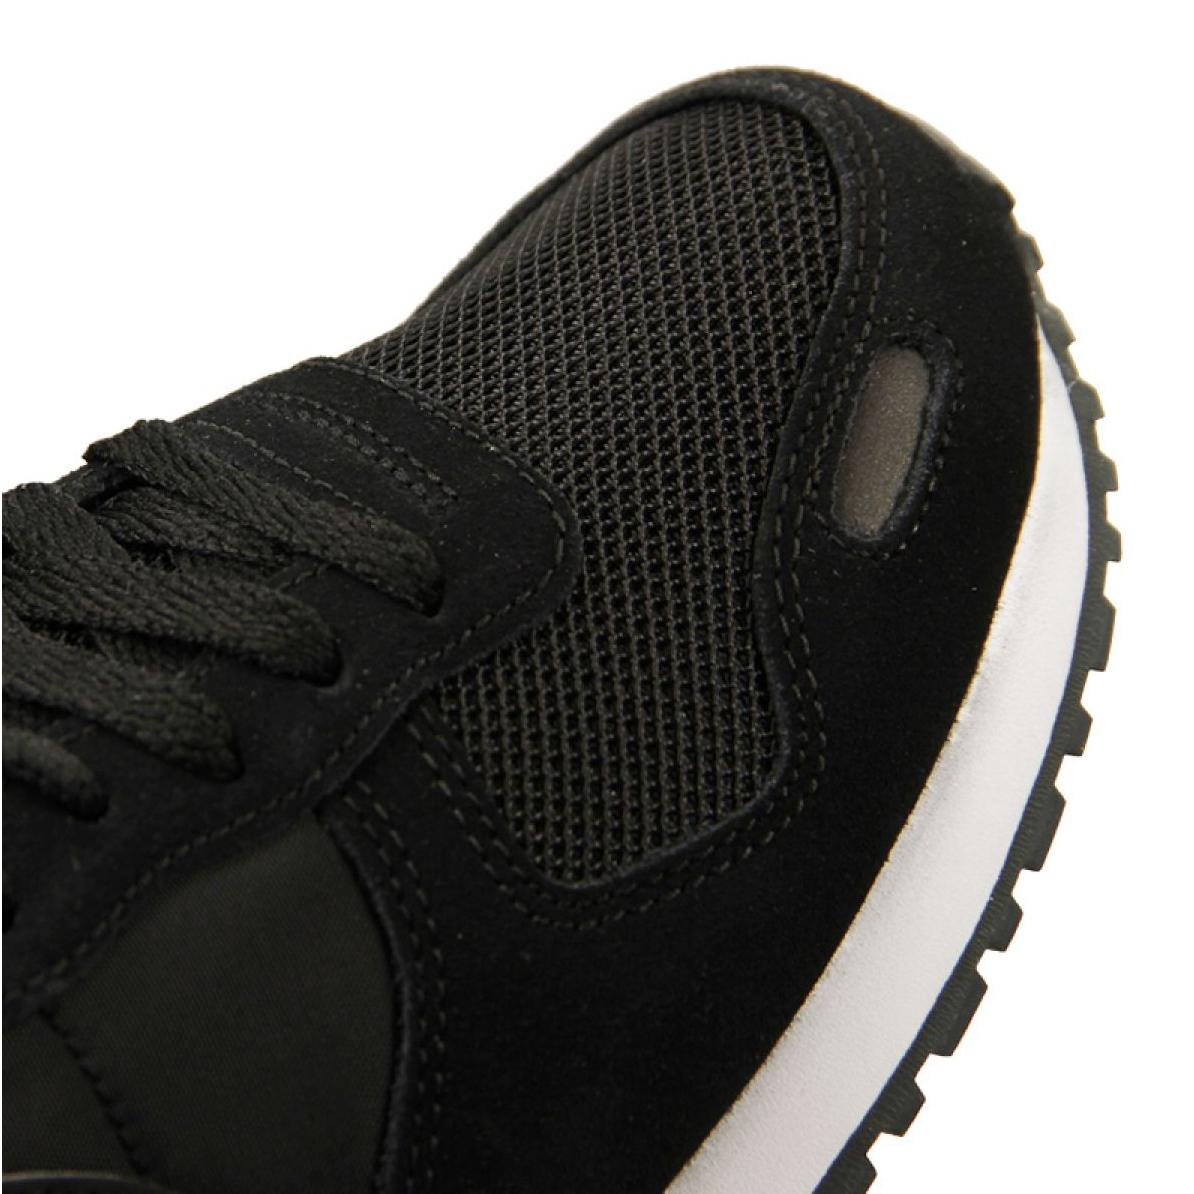 Nike Air Vortex M 903896 012 skor svart